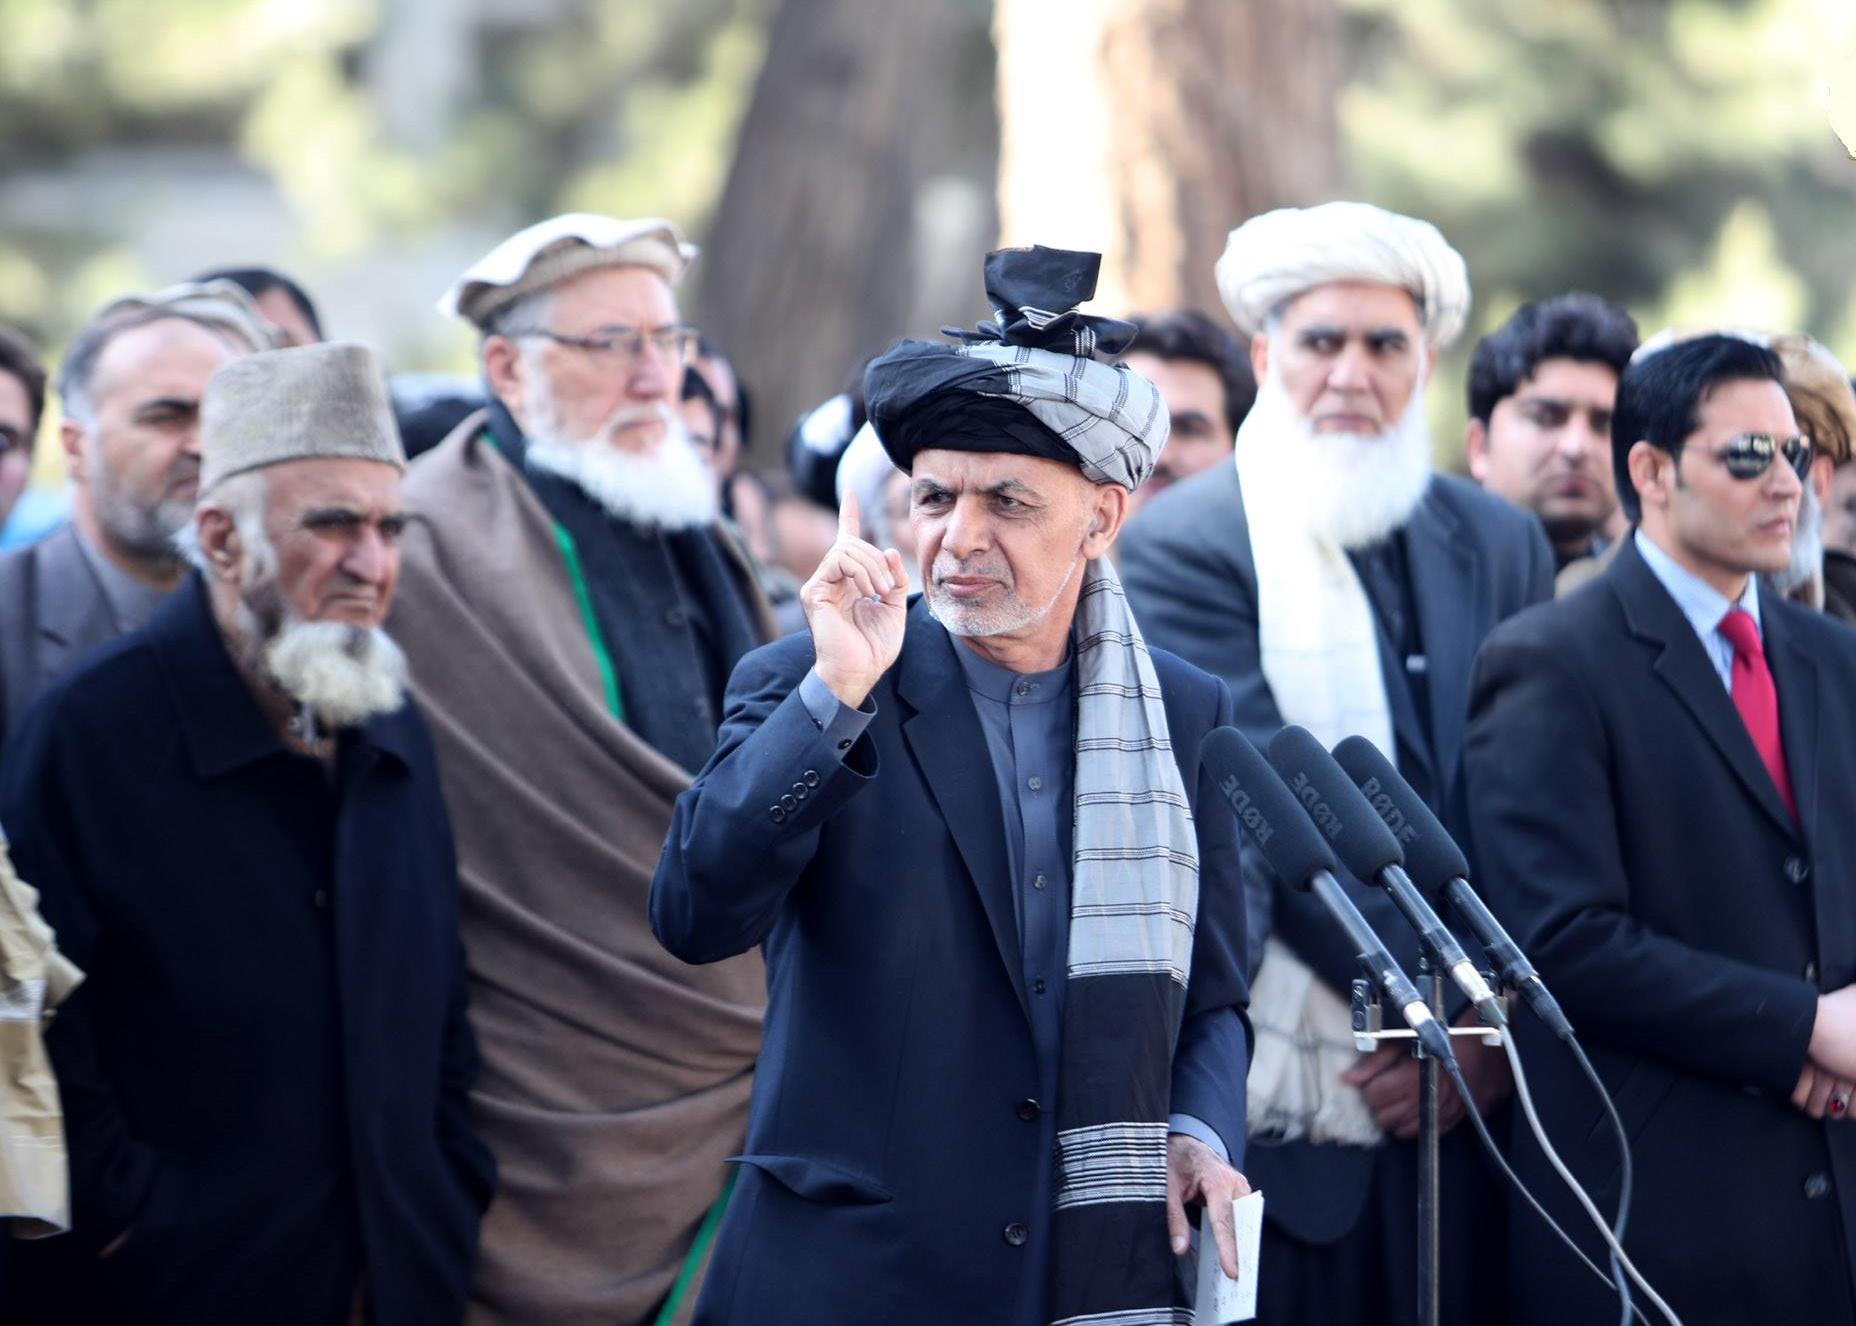 اشرف غنی: مرکز طالبان در پاکستان است/ امنیت افغانستان معامله سیاسی نمی شود